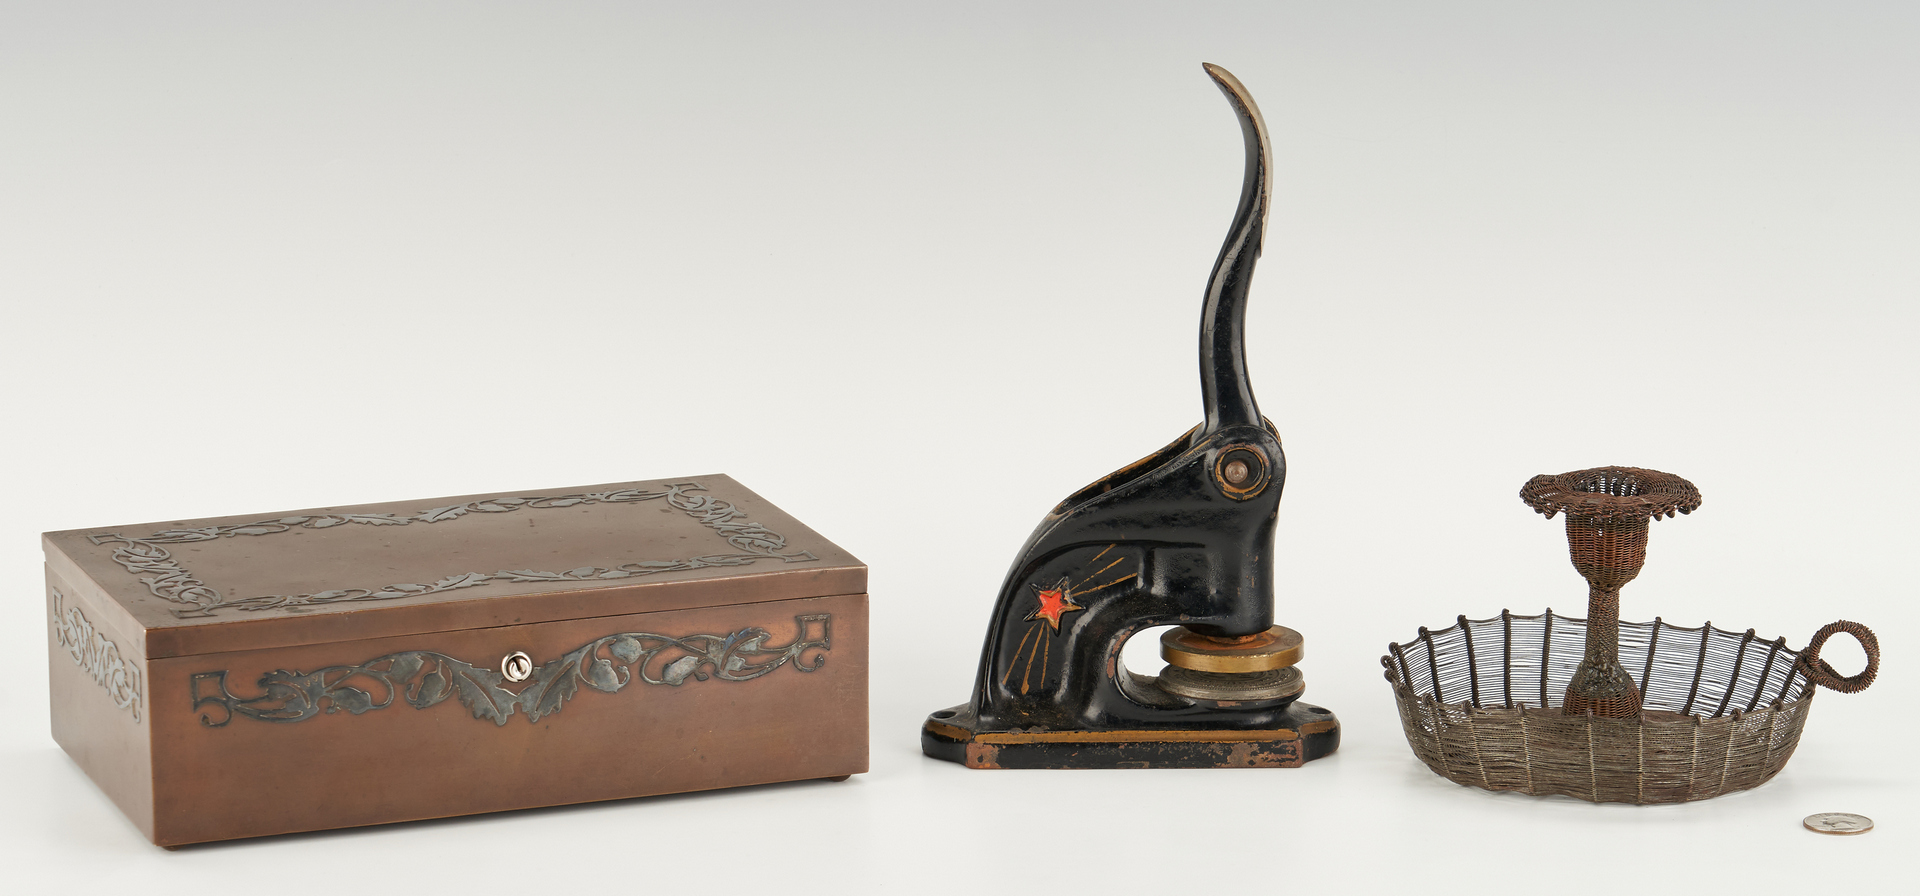 Lot 870: Arts and Crafts/ Art Deco Items Incl. Humidor, Sconces